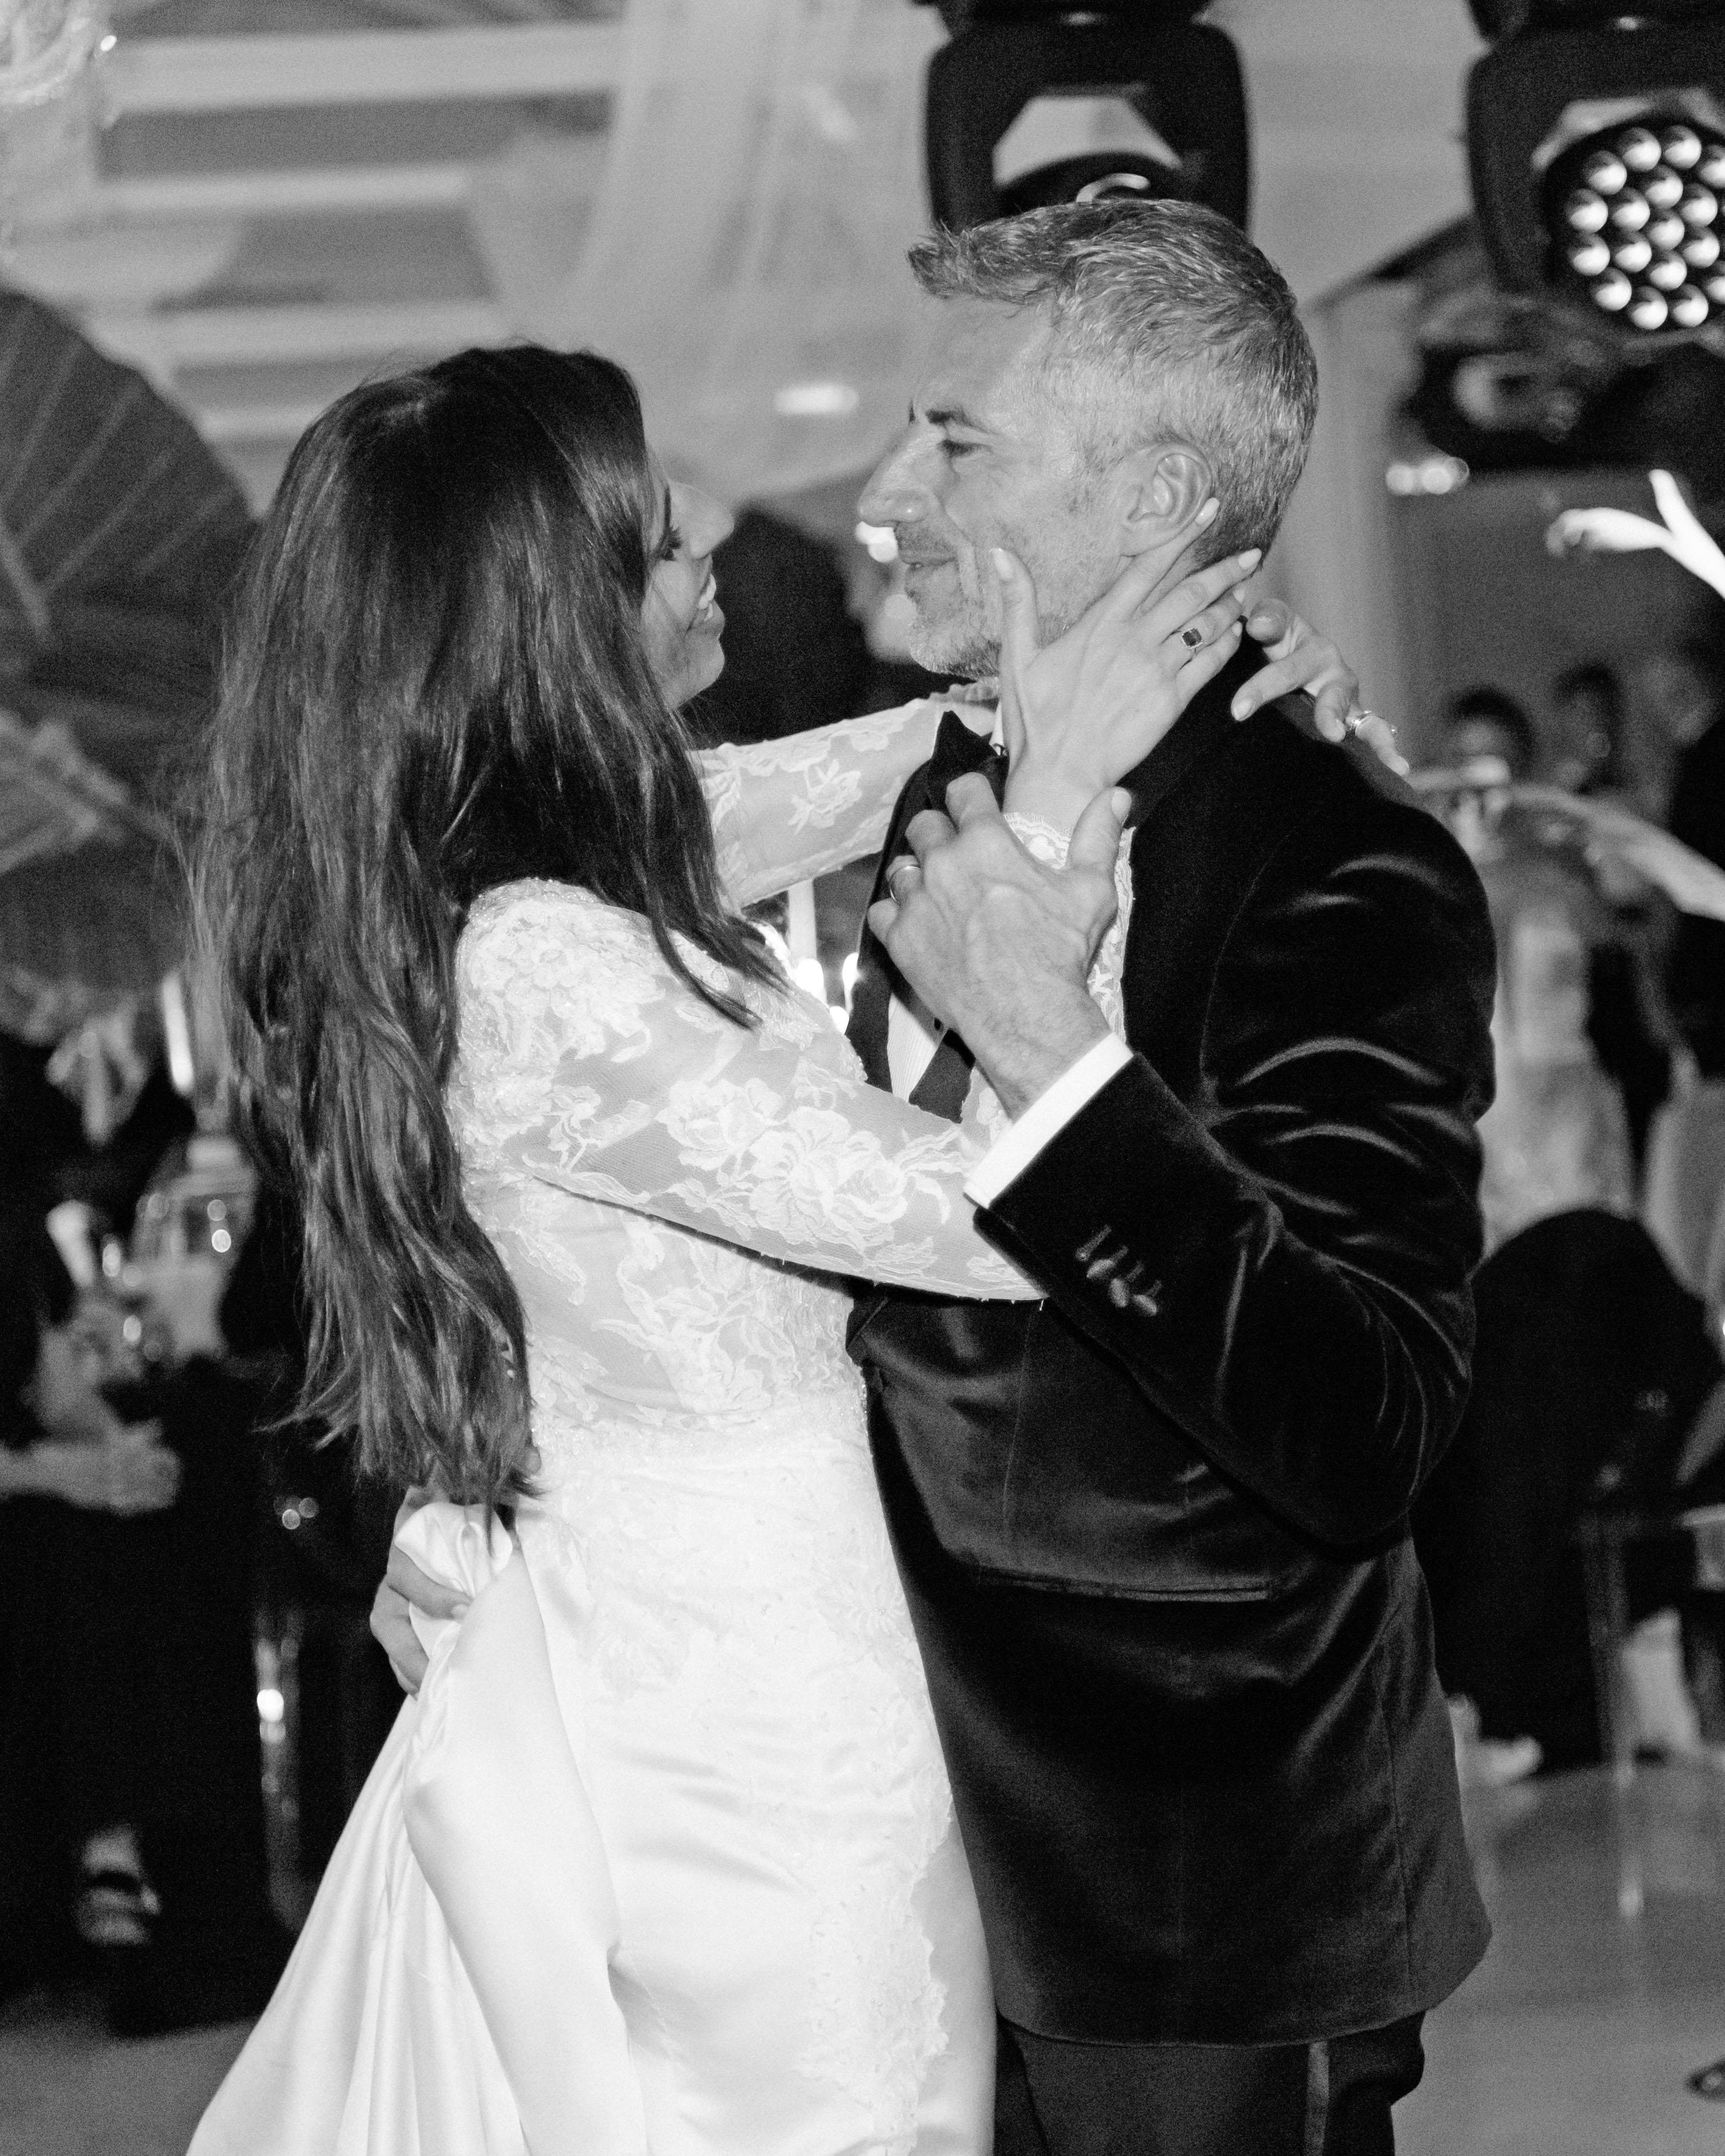 jiannina enzo wedding dancing